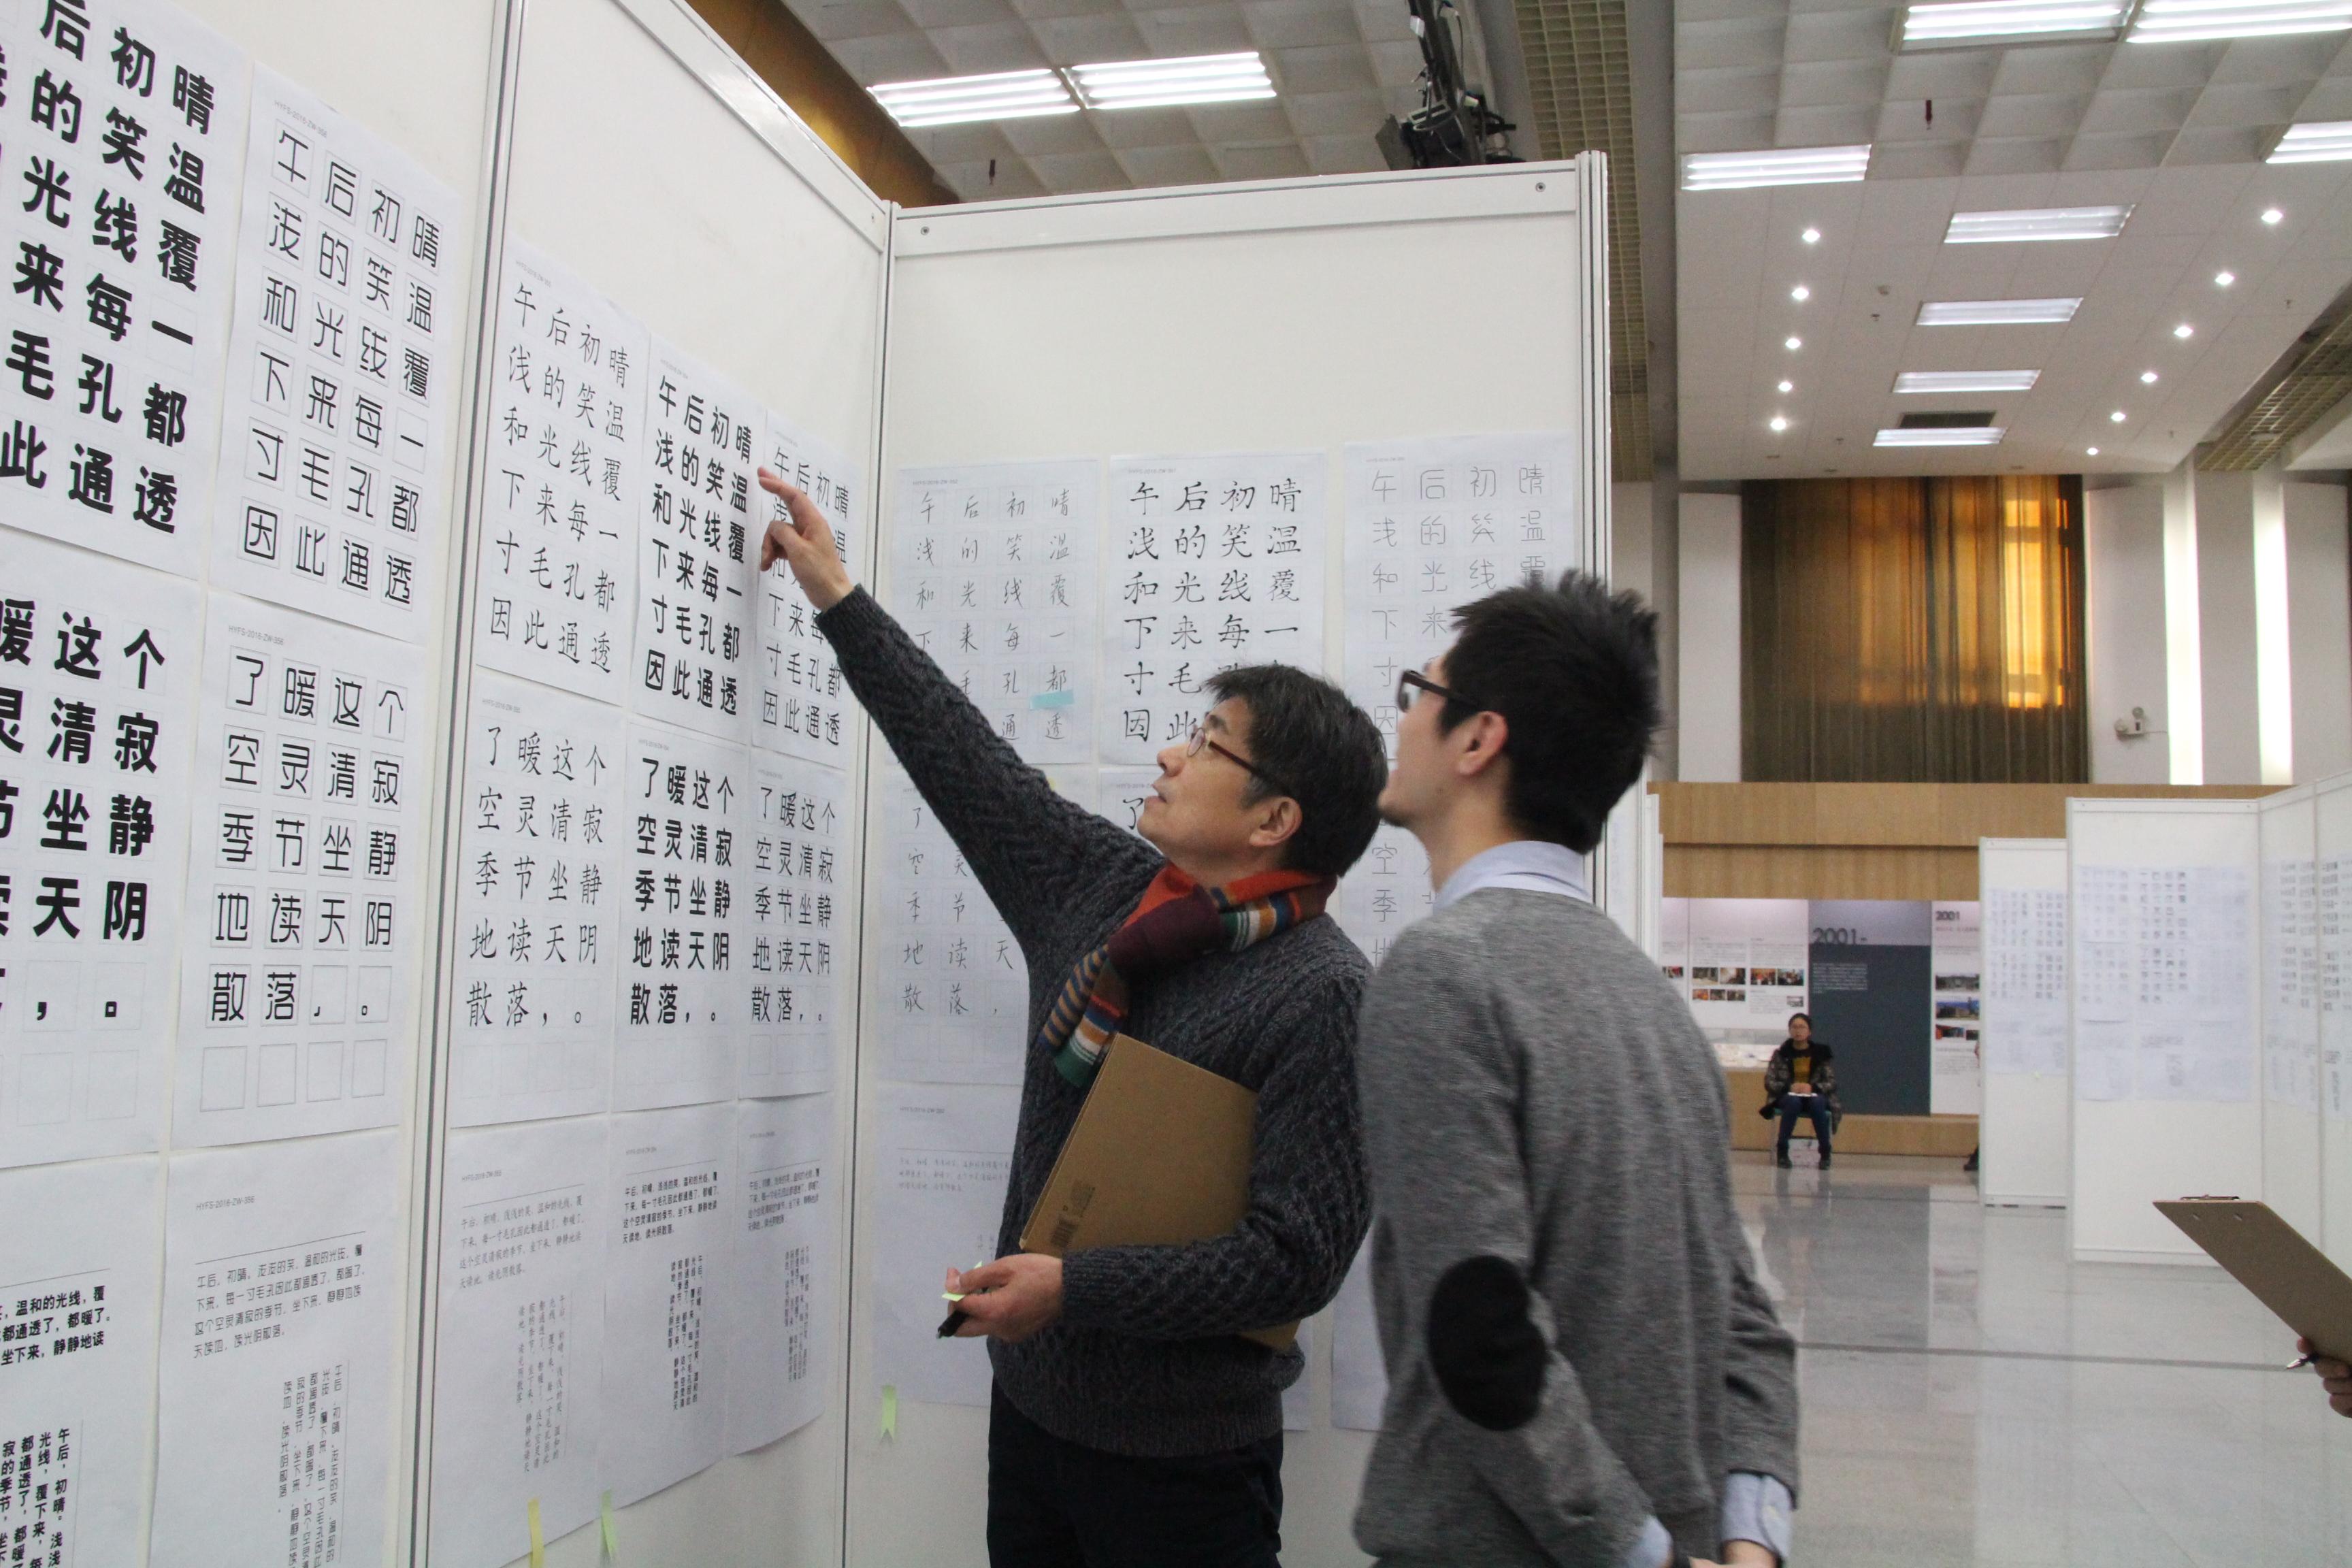 鸟海修和 Eric Liu 在「字体之星」评审现场